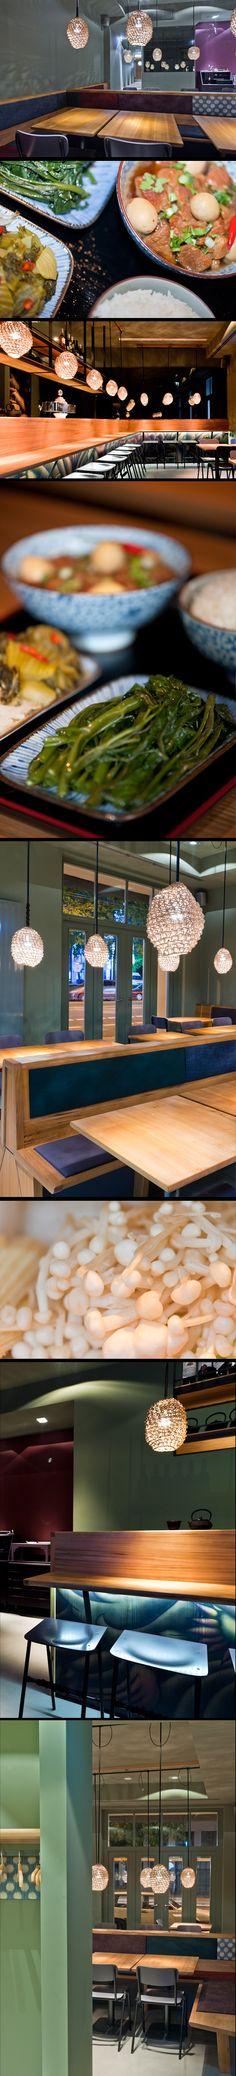 The Acai Café in Munich Architektur, Design und München - vietnamesische k che m nchen